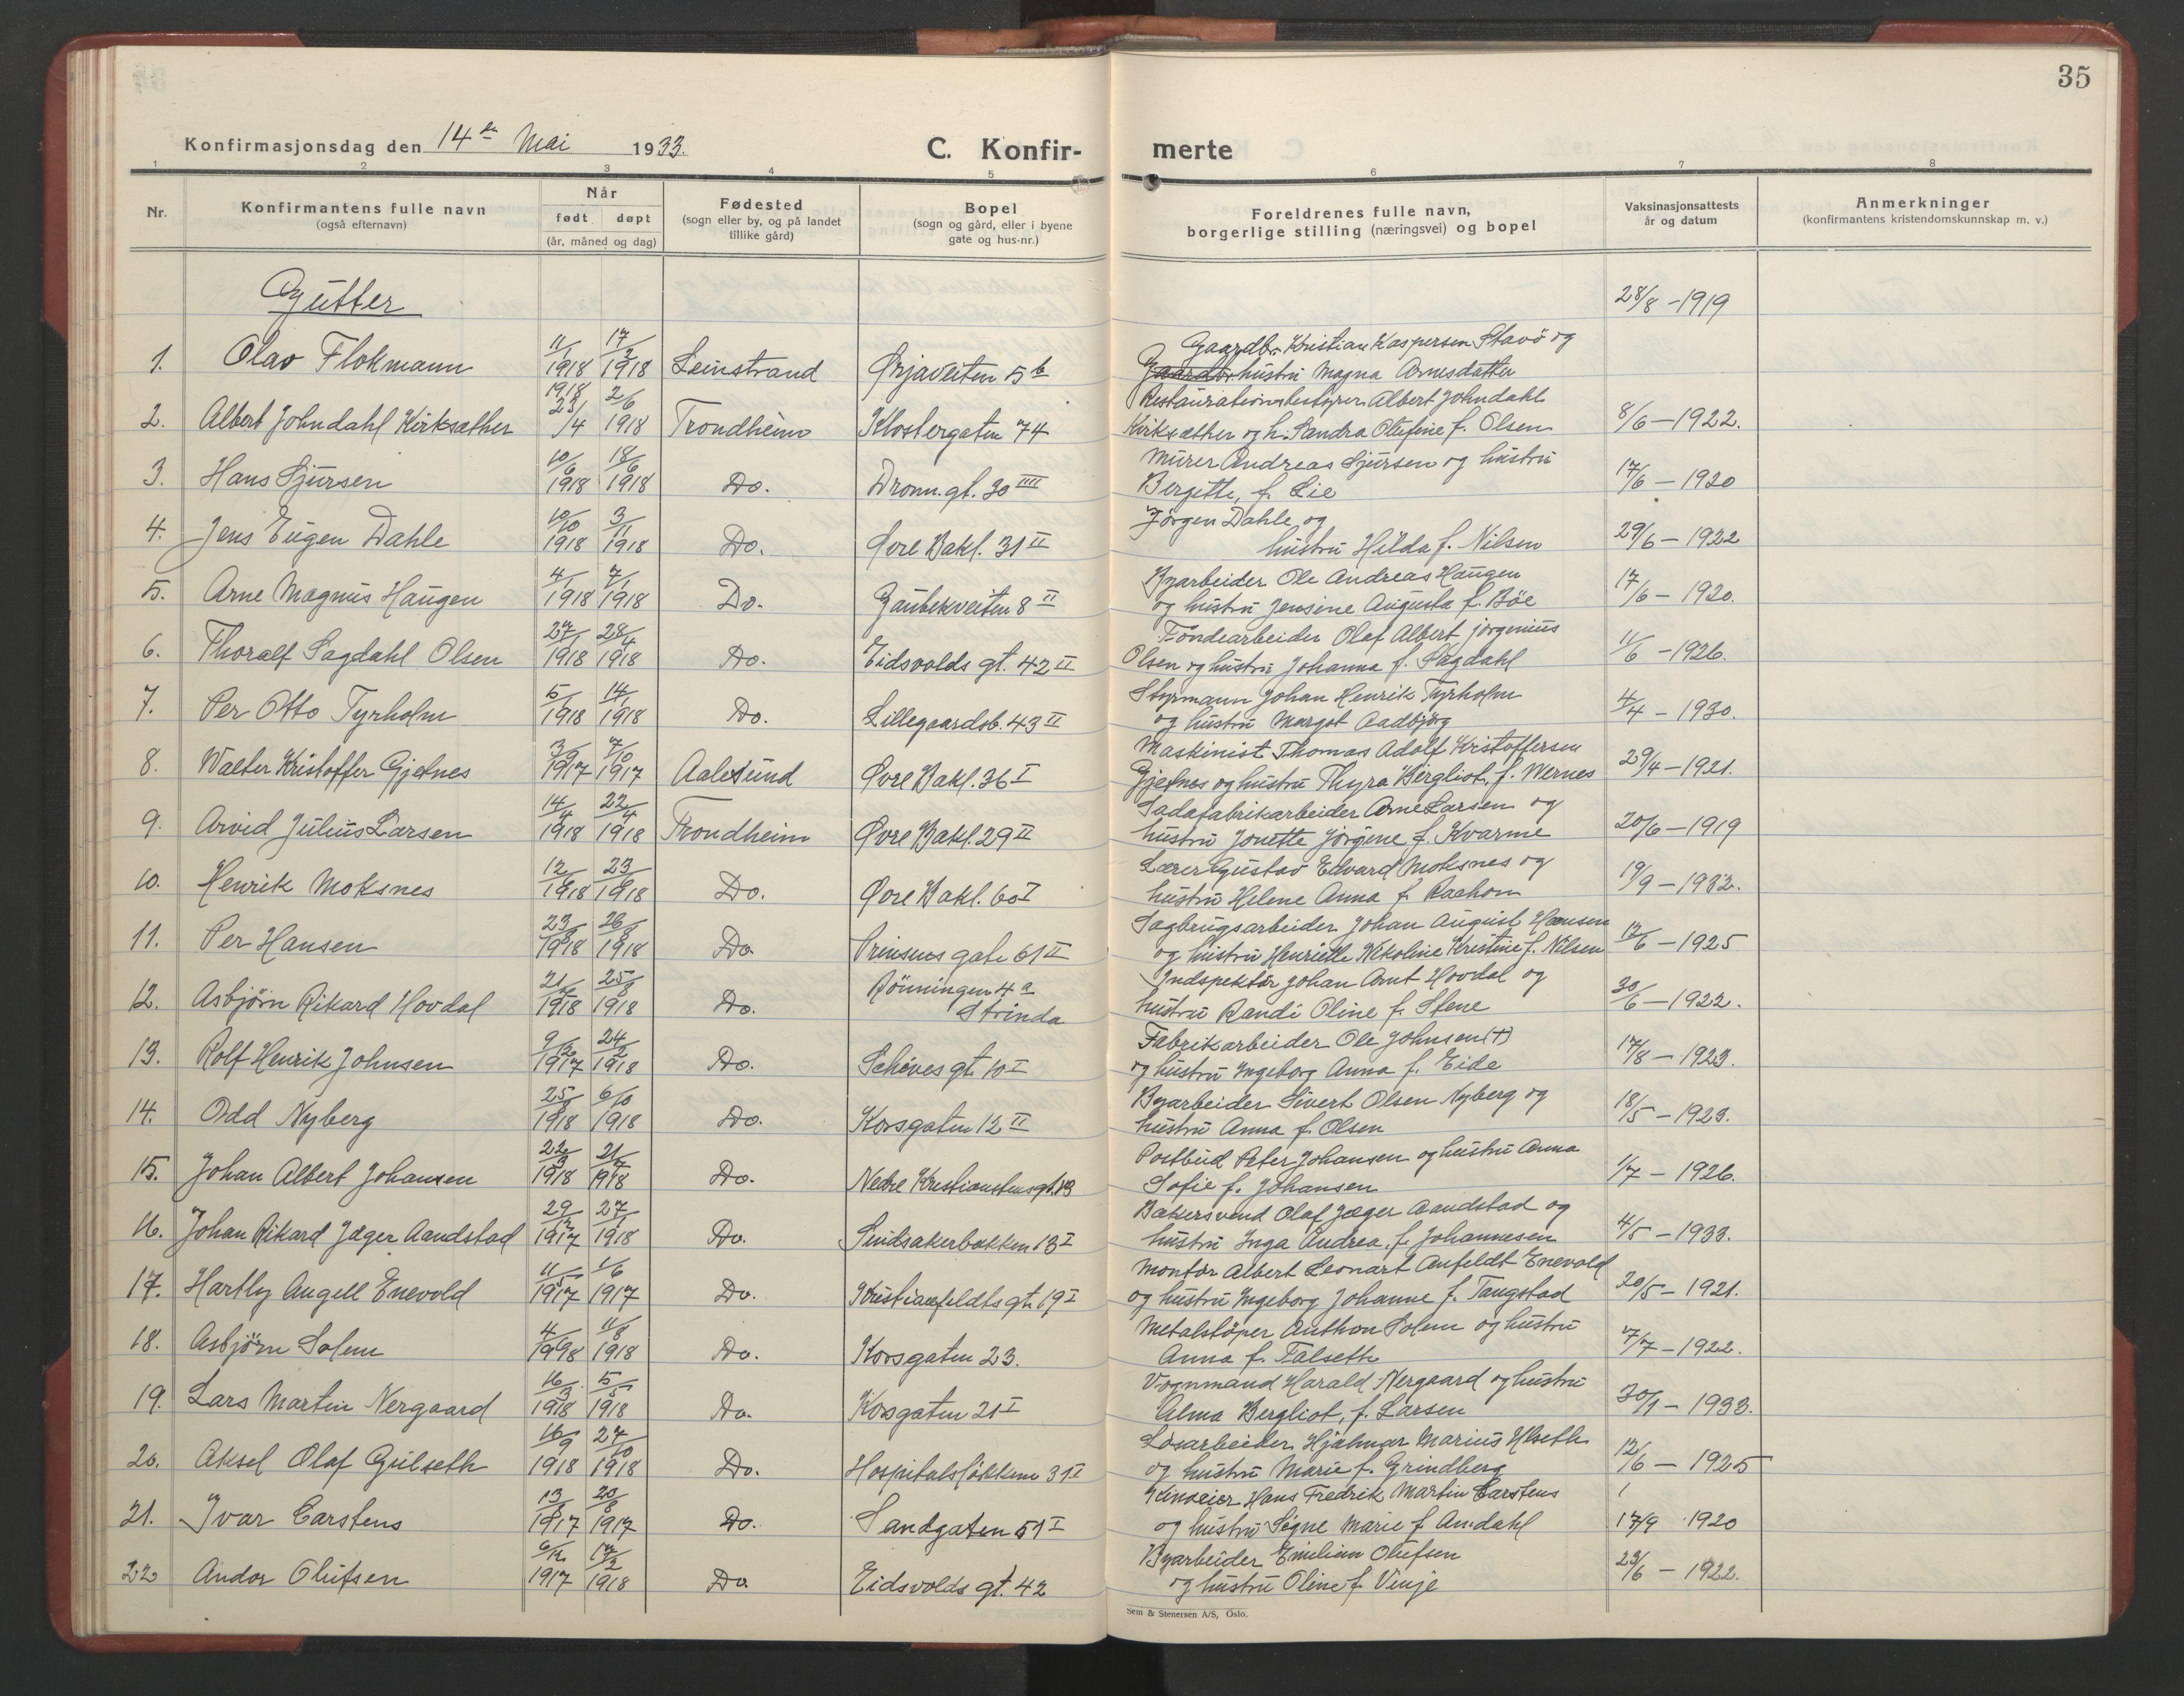 SAT, Ministerialprotokoller, klokkerbøker og fødselsregistre - Sør-Trøndelag, 602/L0151: Klokkerbok nr. 602C19, 1925-1951, s. 35